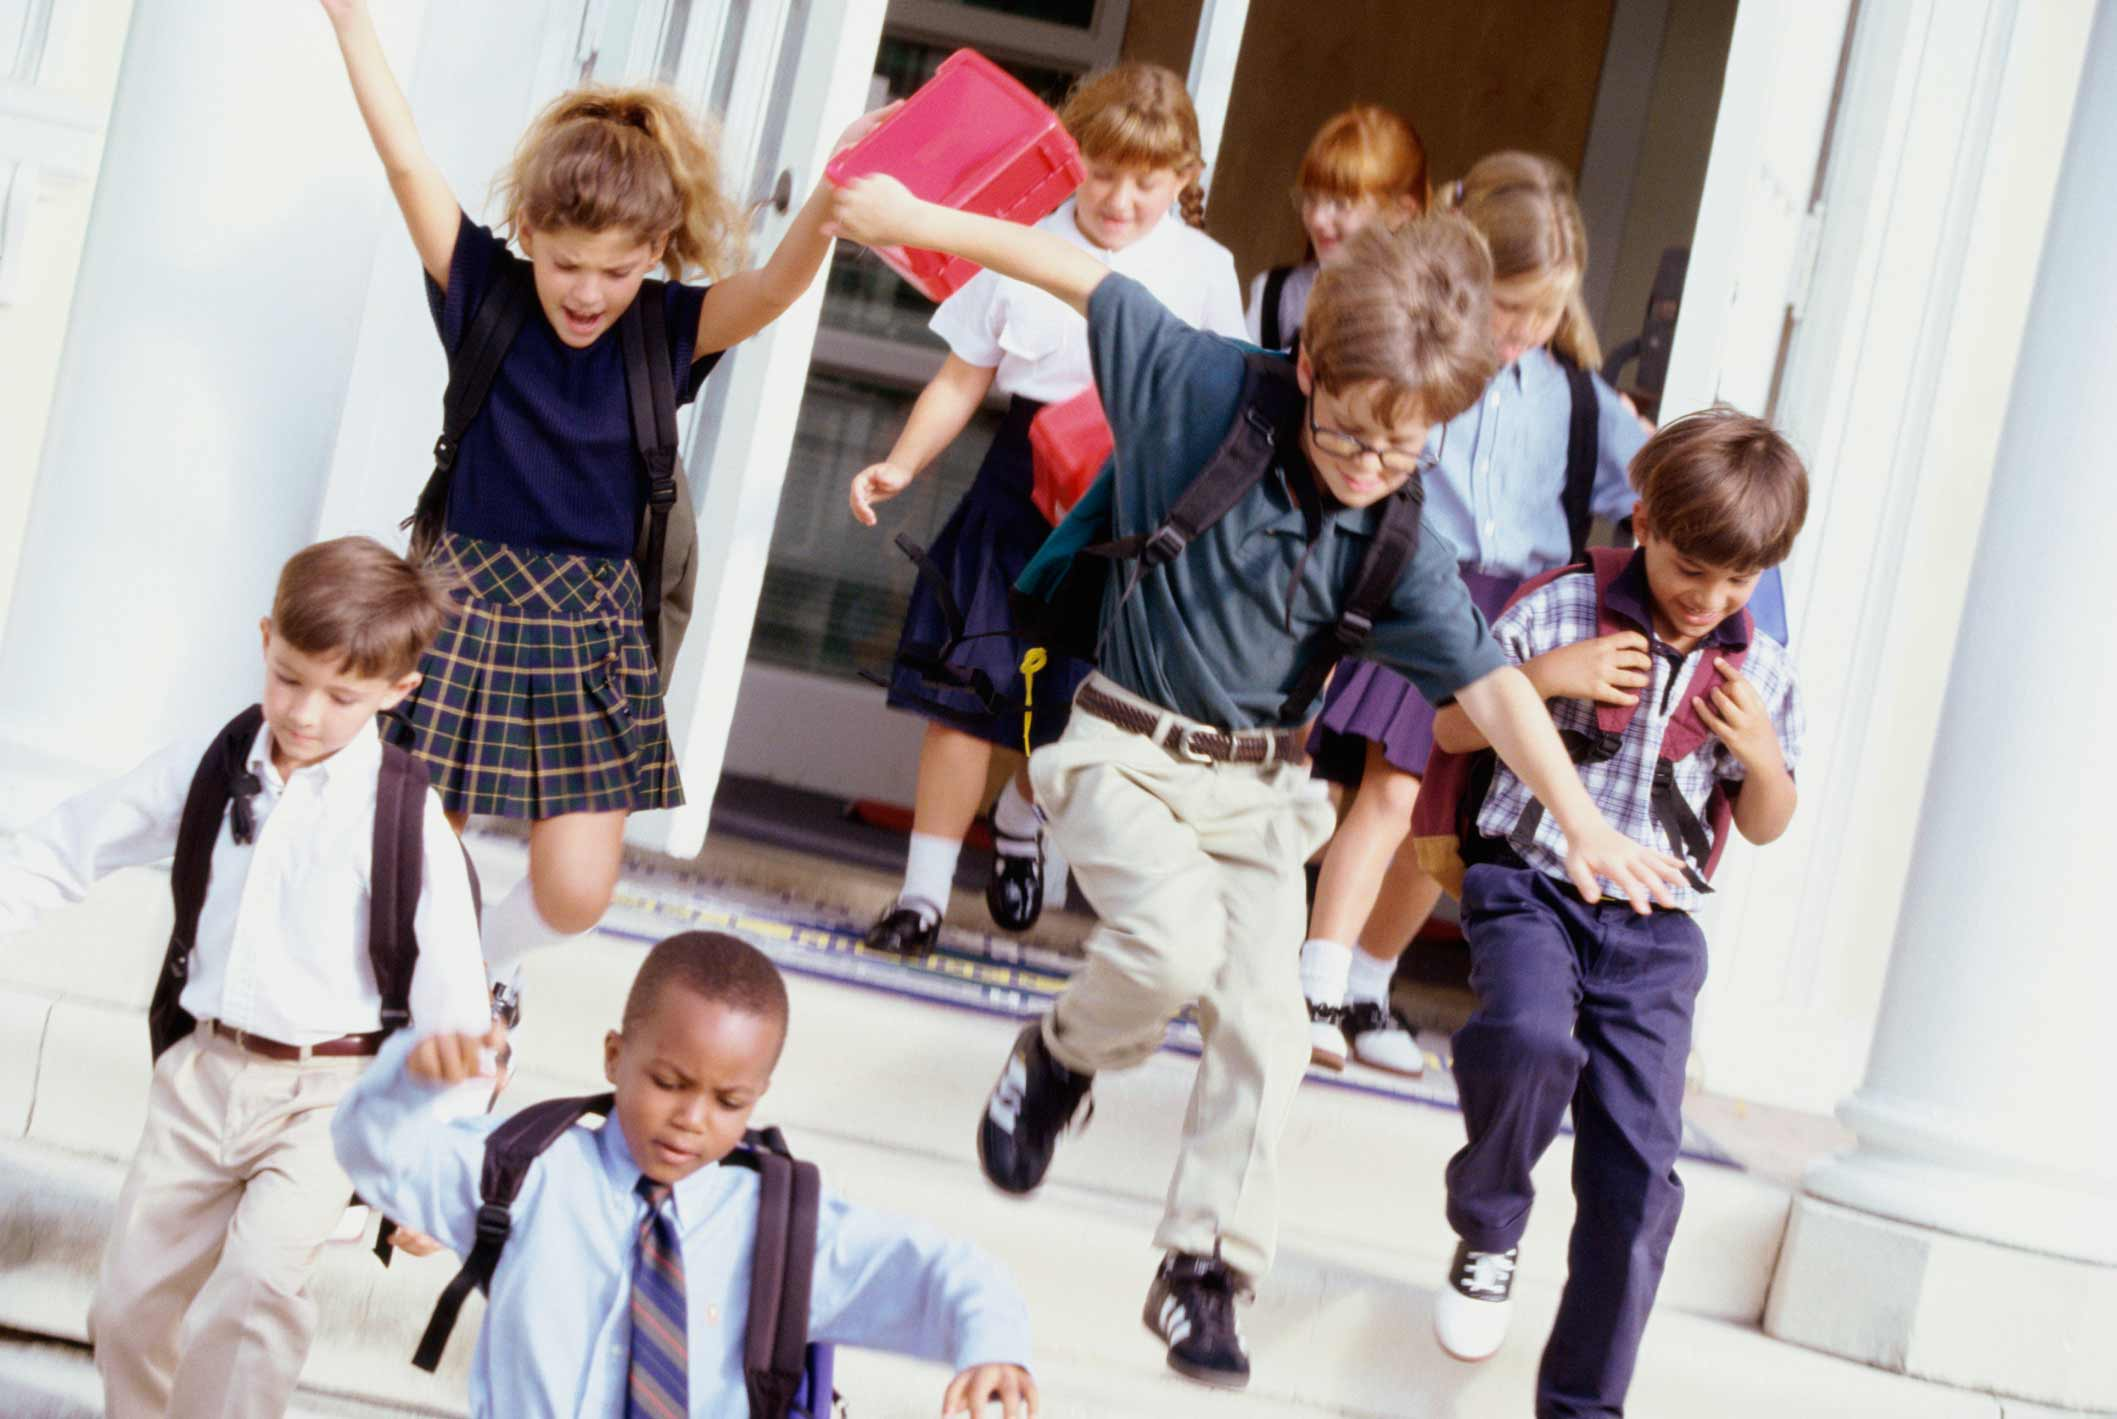 Некоторые школы уже давно практикуют 4-дневное обучение. Фото: itiswhatitiscolumn.wordpress.com